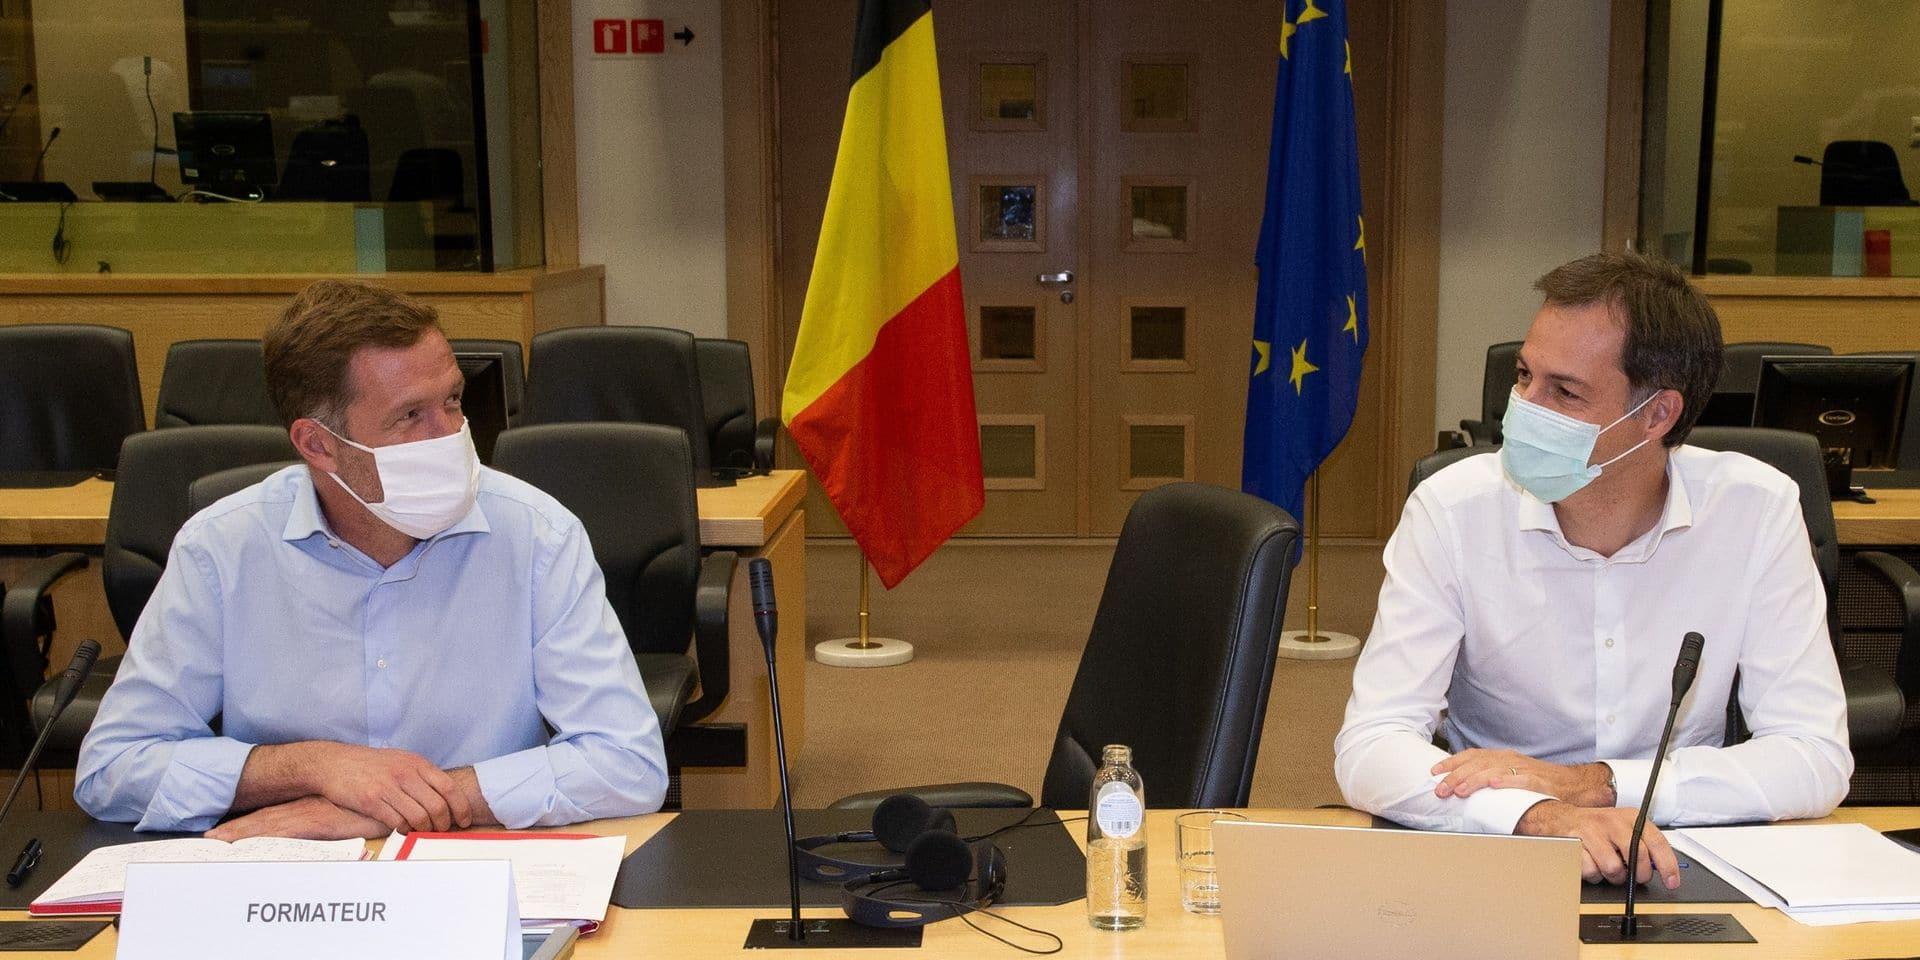 """""""Enfin"""", """"On respire"""", """"Après la tension, ils se sont trouvés"""": le duo Paul Magnette et Alexander De Croo salué par la presse francophone"""